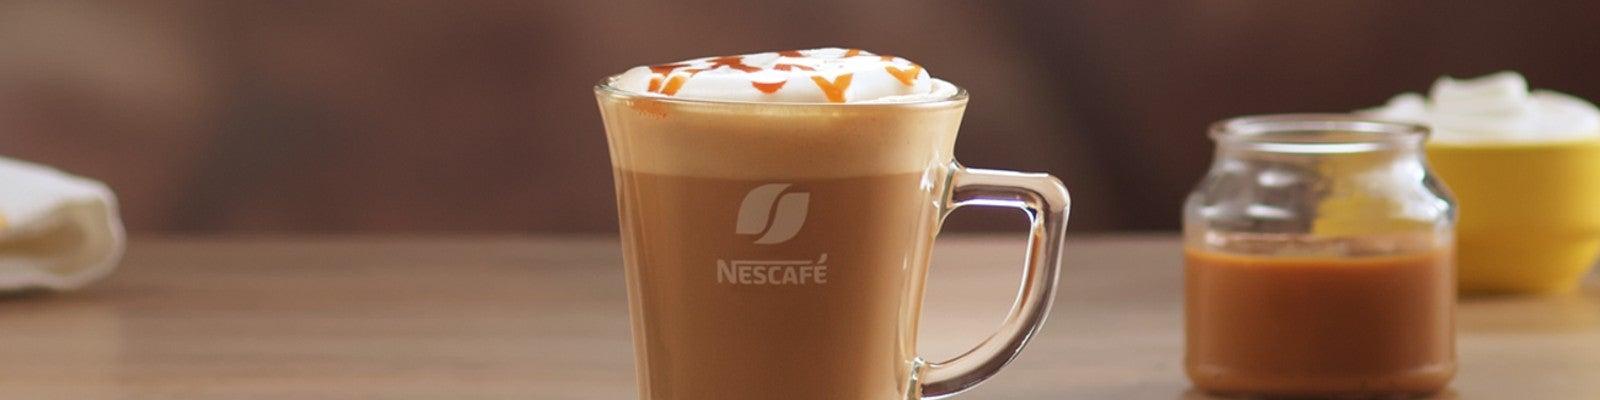 Caramel Latte Recipe Header